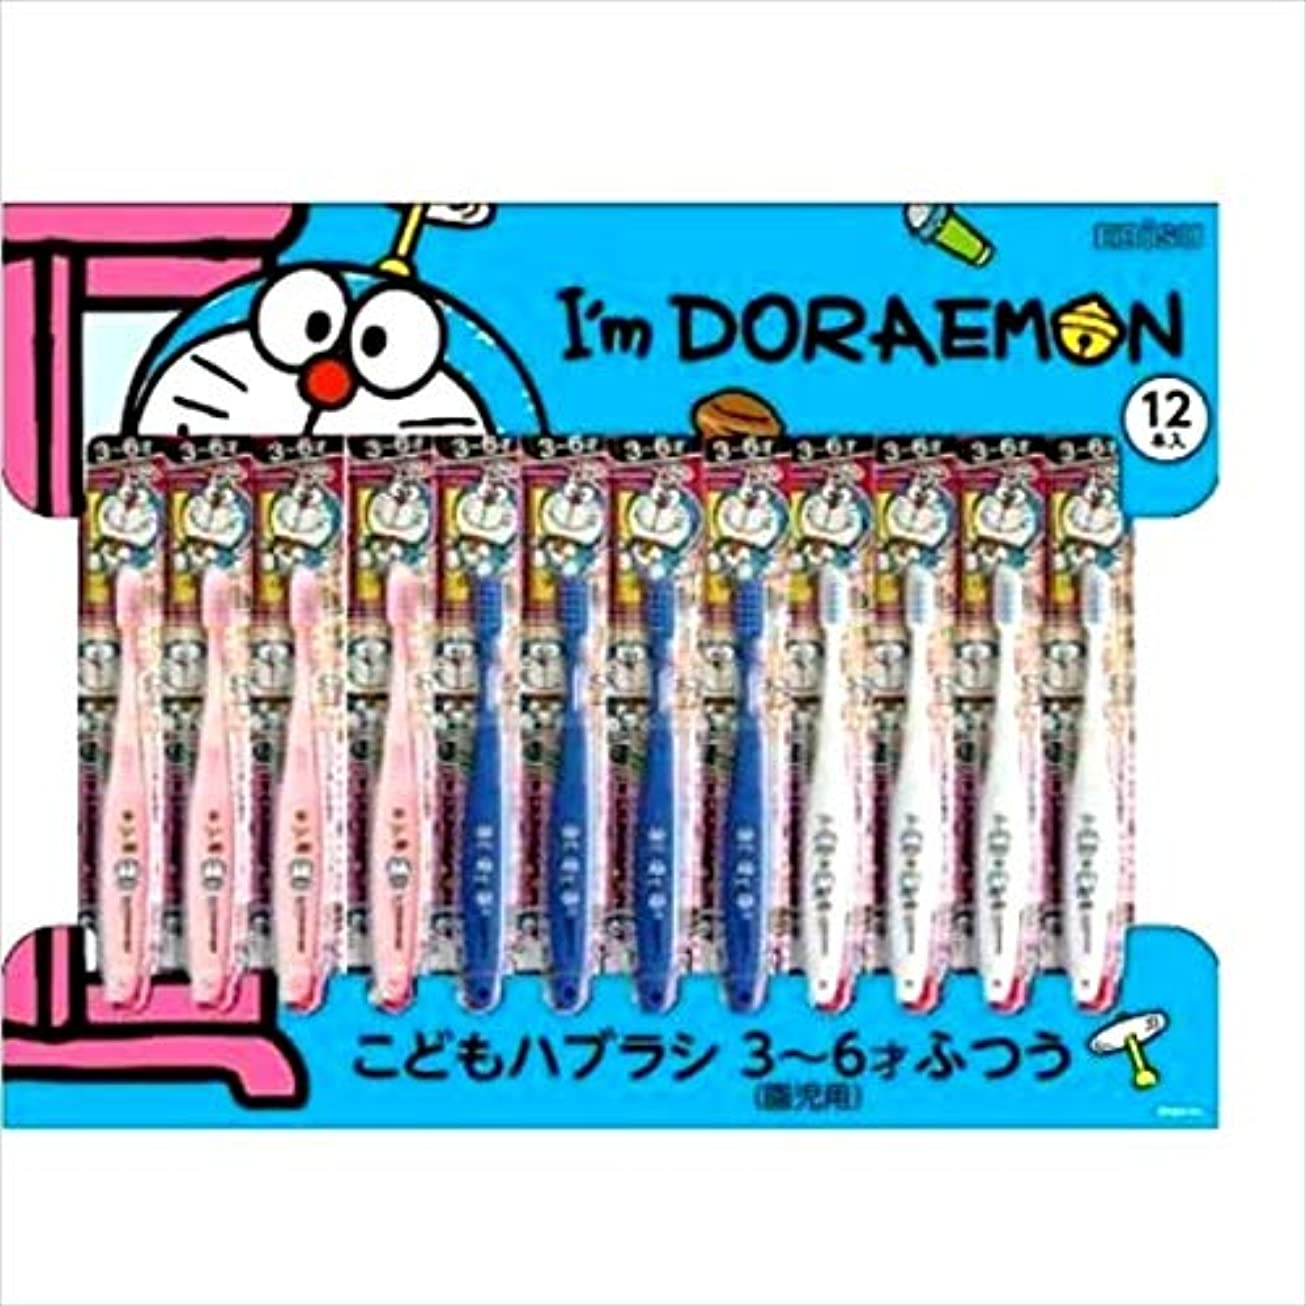 ベテラン追い払うバーゲンI'M DORAEMON 子供用 歯ブラシ 12本入り